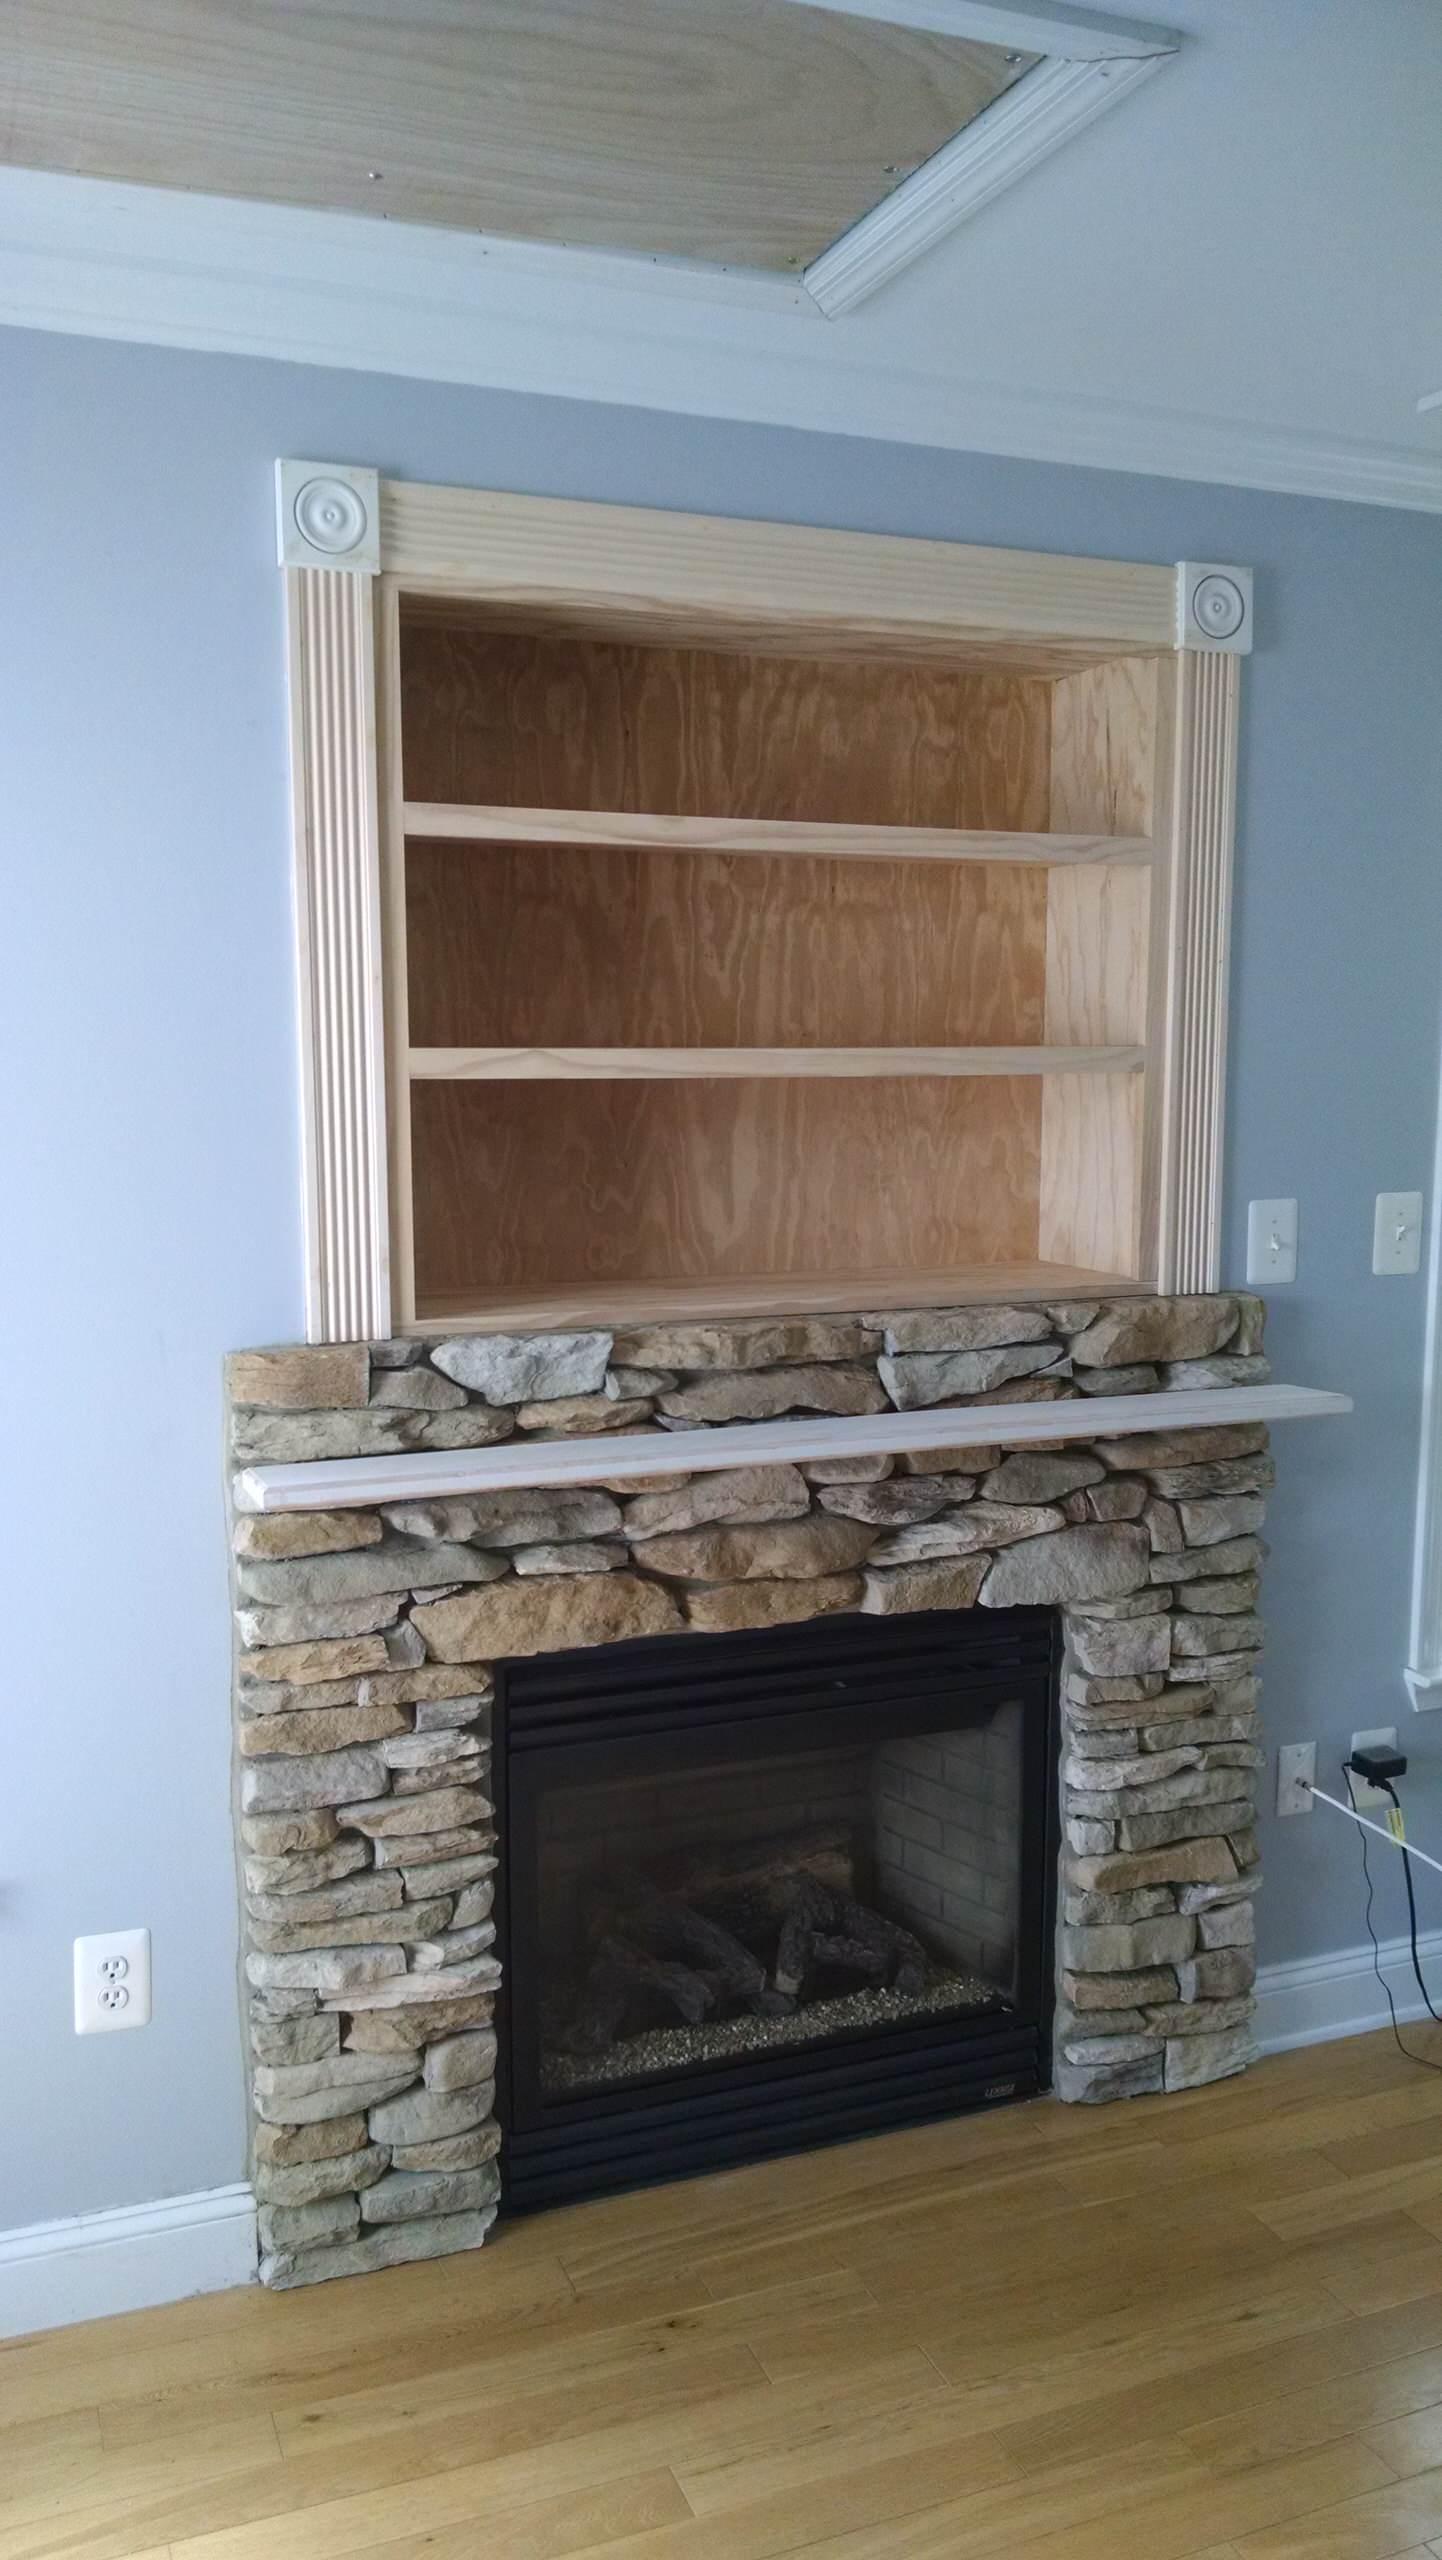 Stone fireplace with bookshelf